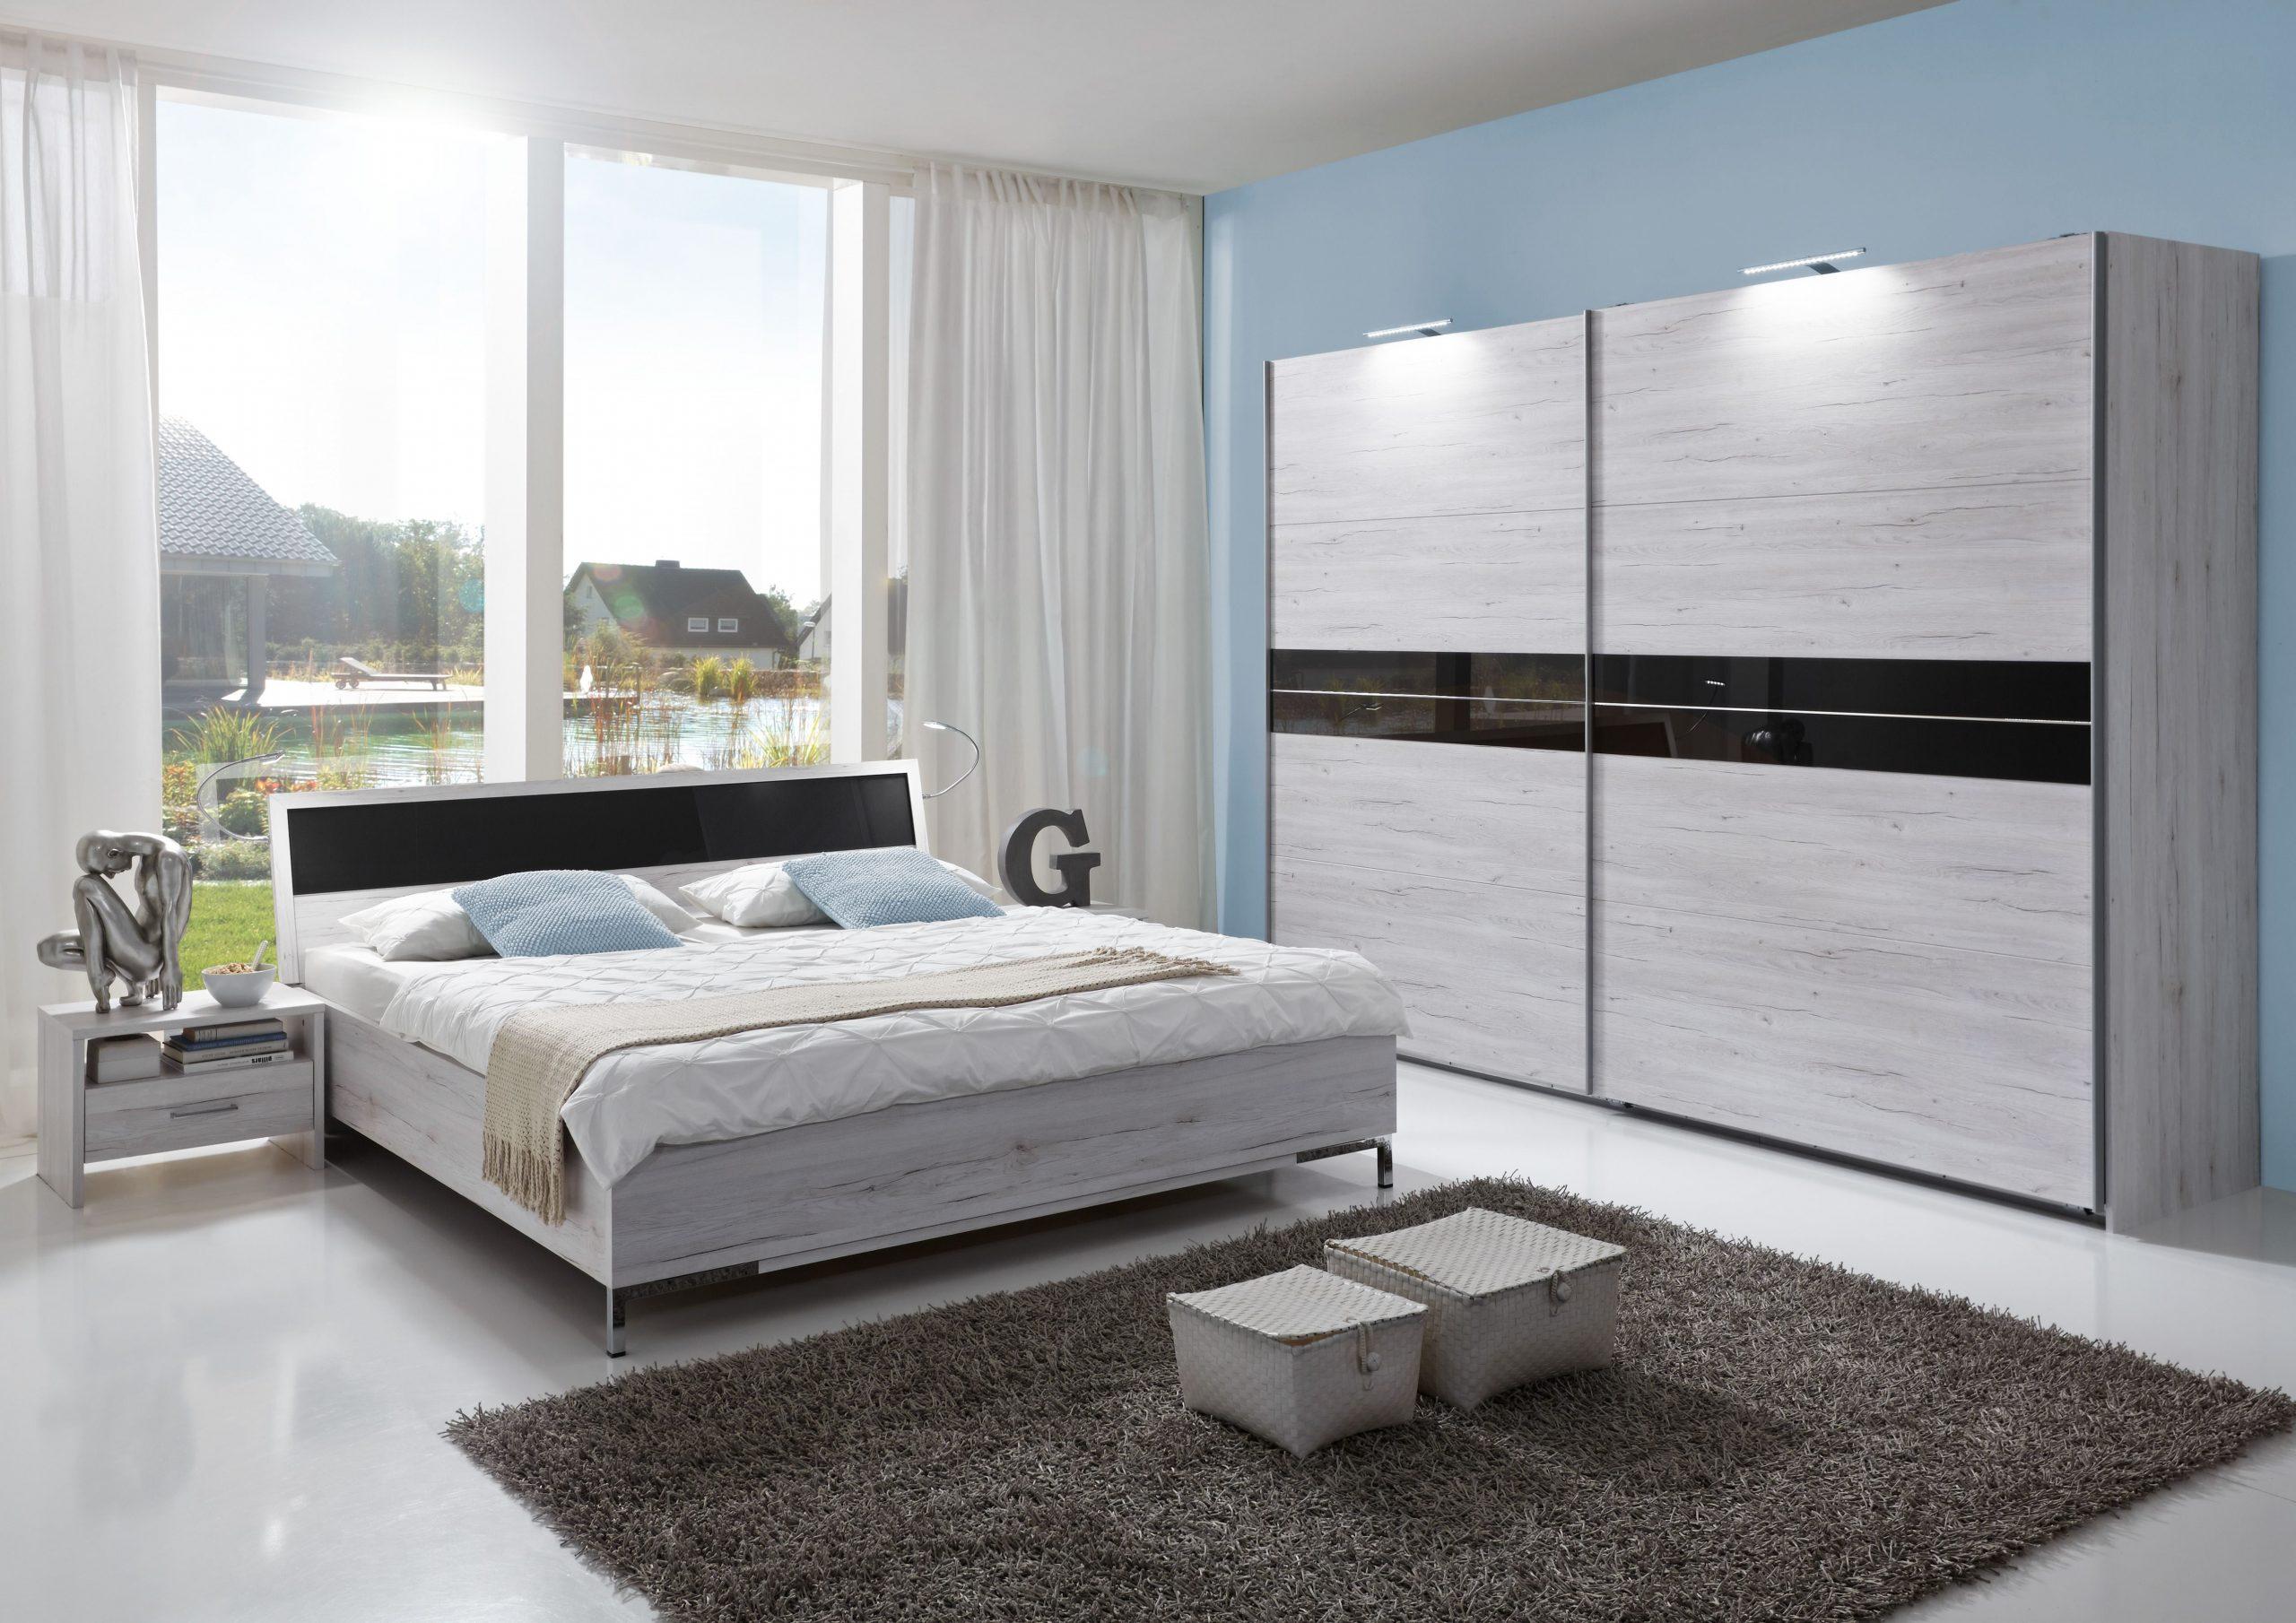 Full Size of Schlafzimmerset Komplett Acapulco Doppelbett 2tlg Kleiderschrank Bett 140x200 Weiß Schlafzimmer Weiße Küche Set Günstig Hochglanz Regal Big Sofa Esstisch Schlafzimmer Schlafzimmer Set Weiß